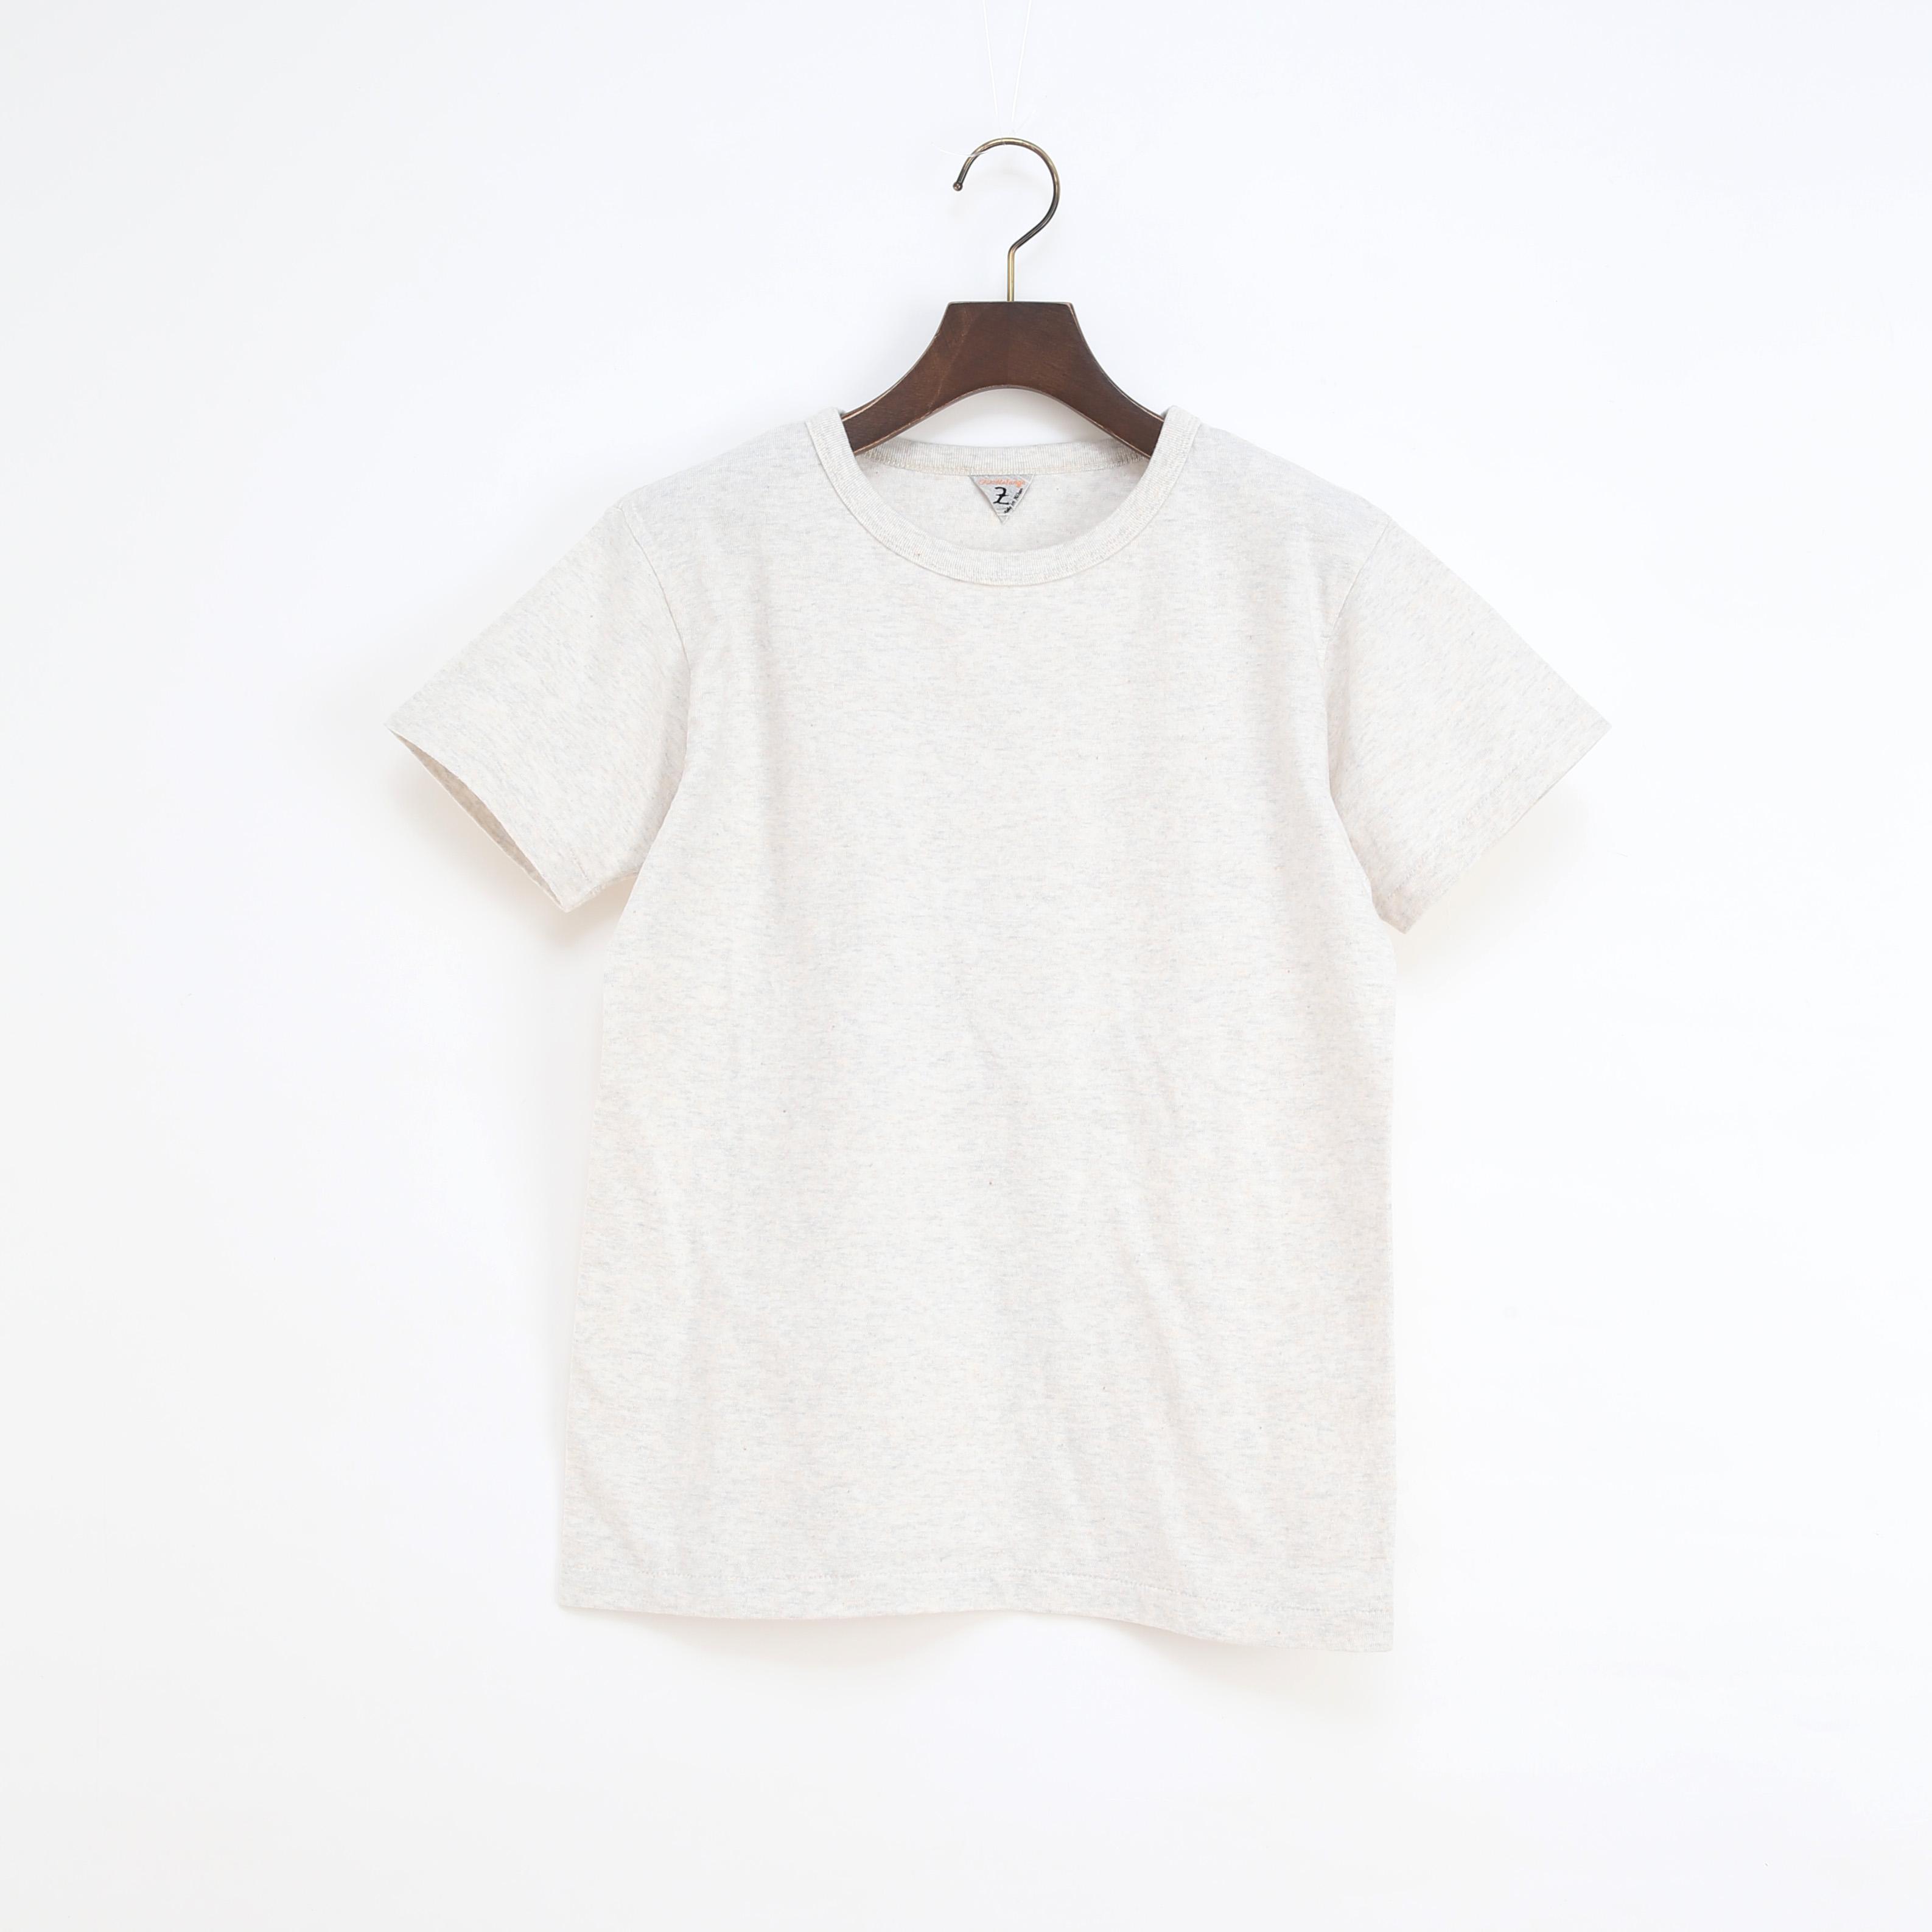 ユニセックス DIZZ クルーネックTシャツ SNOW MELANGE